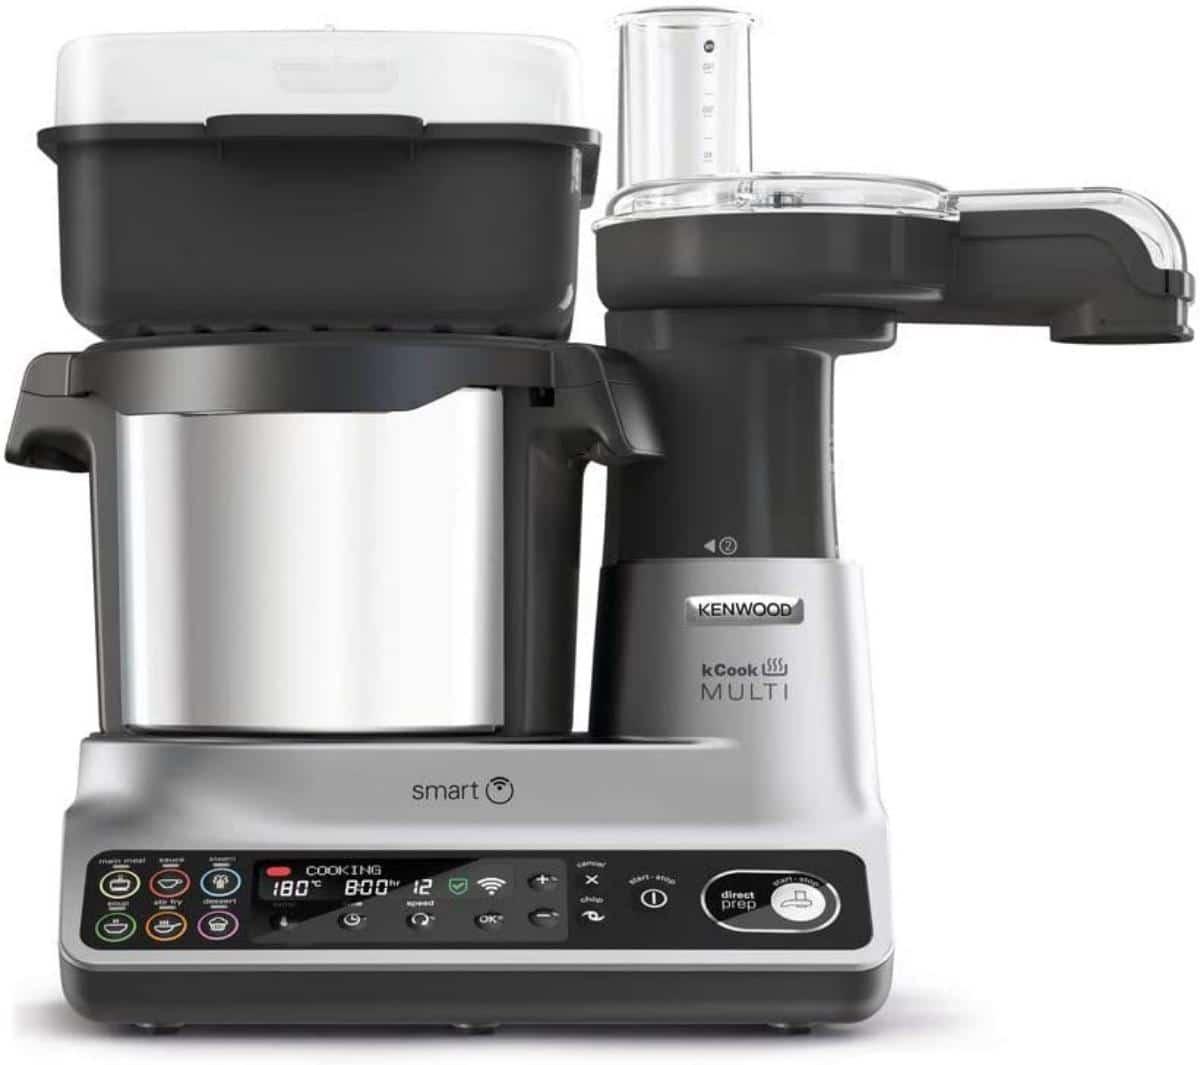 Los robots de cocina son ideales cuando se quieren preparar platos rápidos y buenos